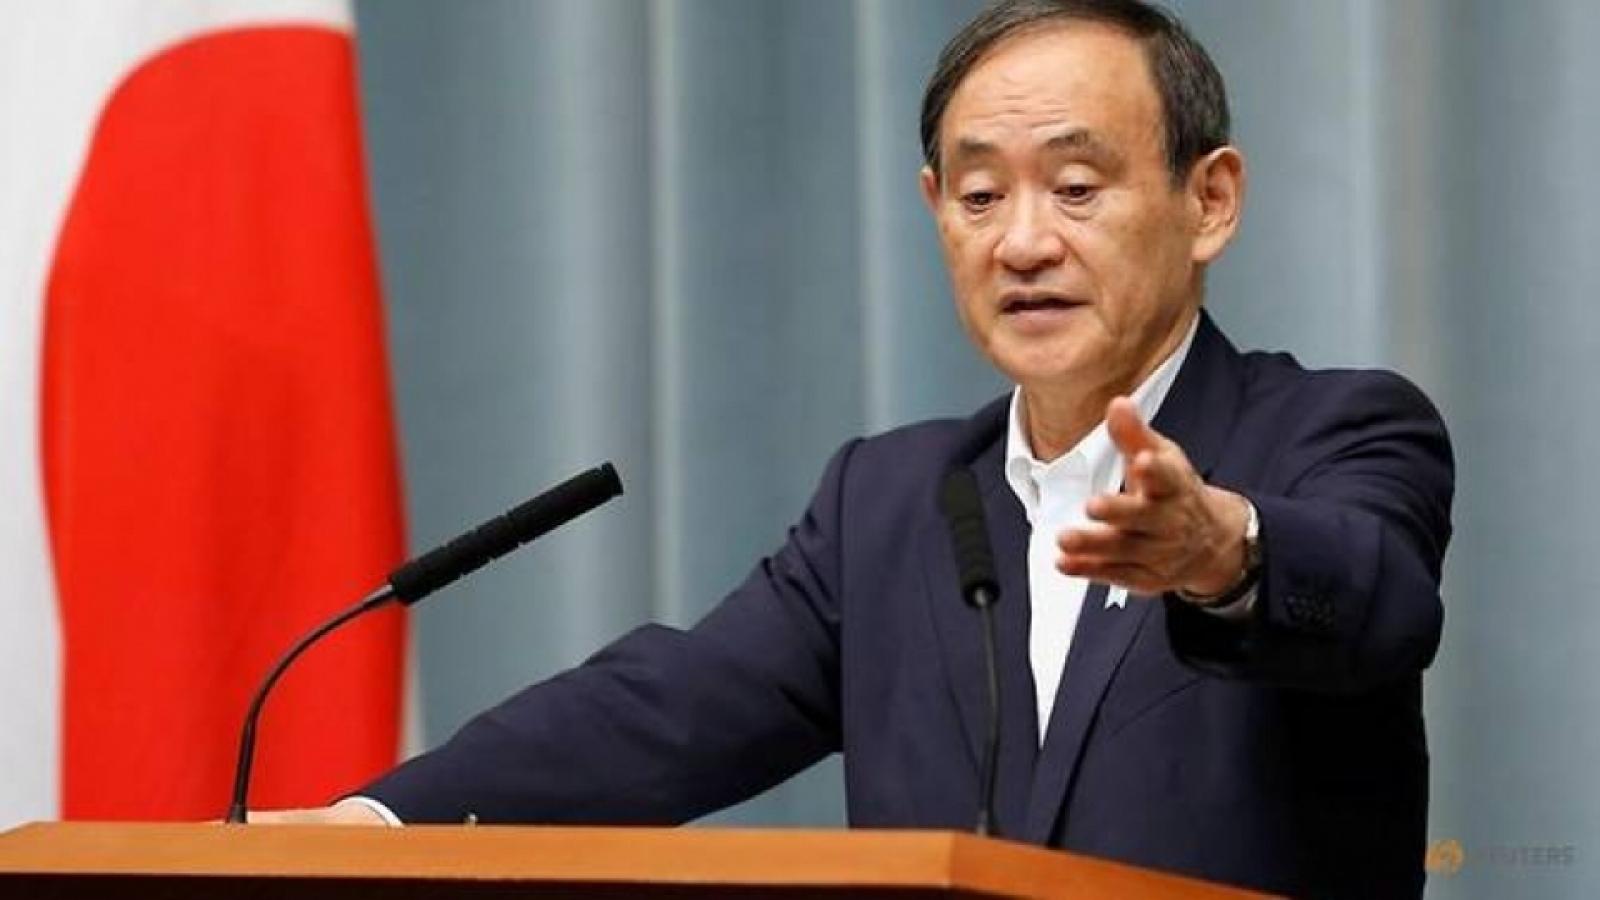 Suga Yoshihide - ứng cử viên sáng giá cho vị trí Thủ tướng Nhật Bản